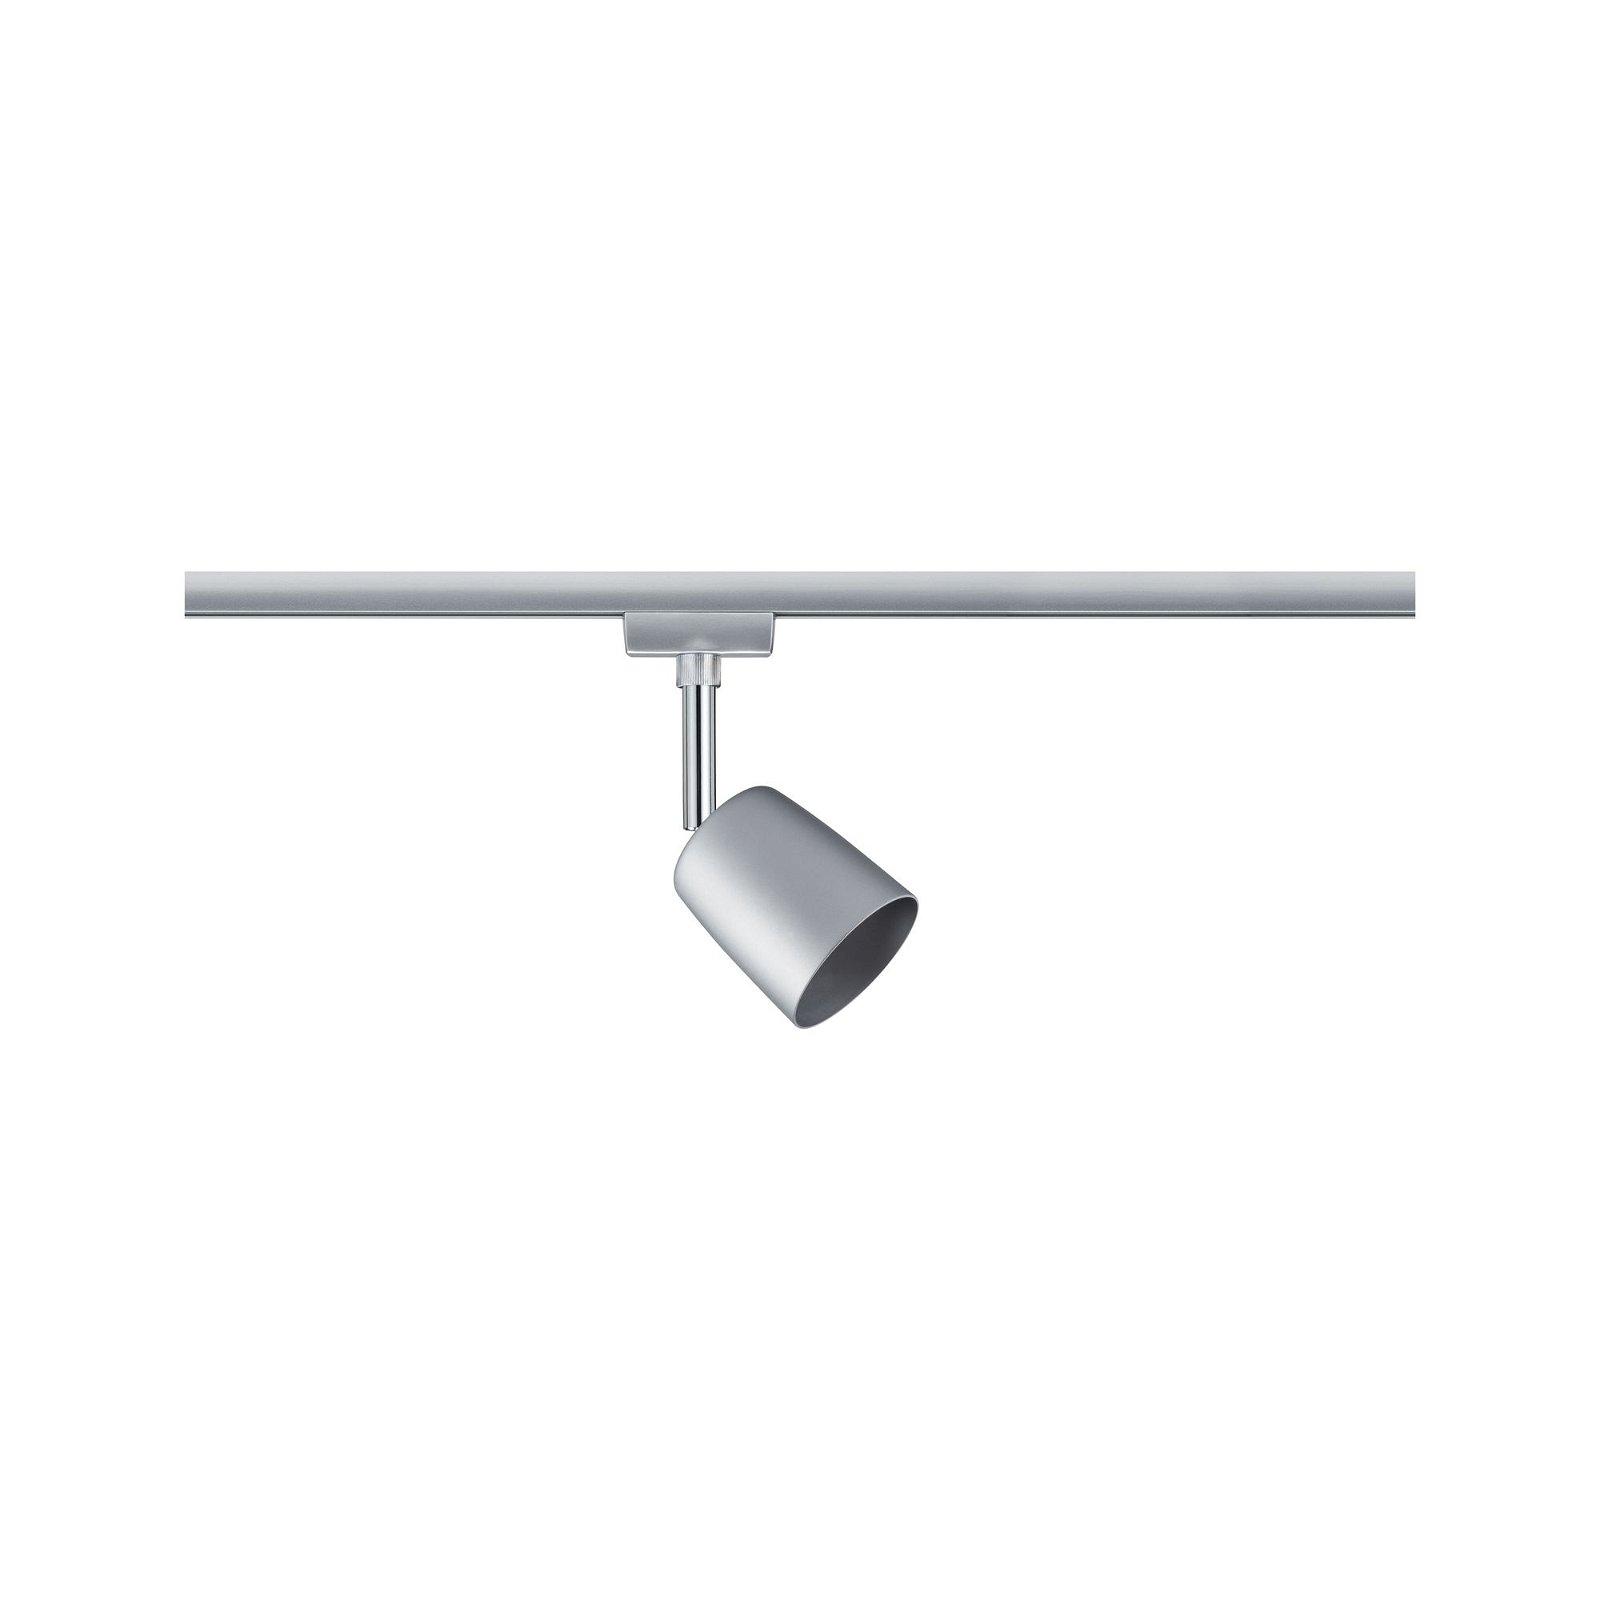 URail Spot sur rail Cover Luminaire individuel GU10 max. 10W 230V Chrome mat/Chrome